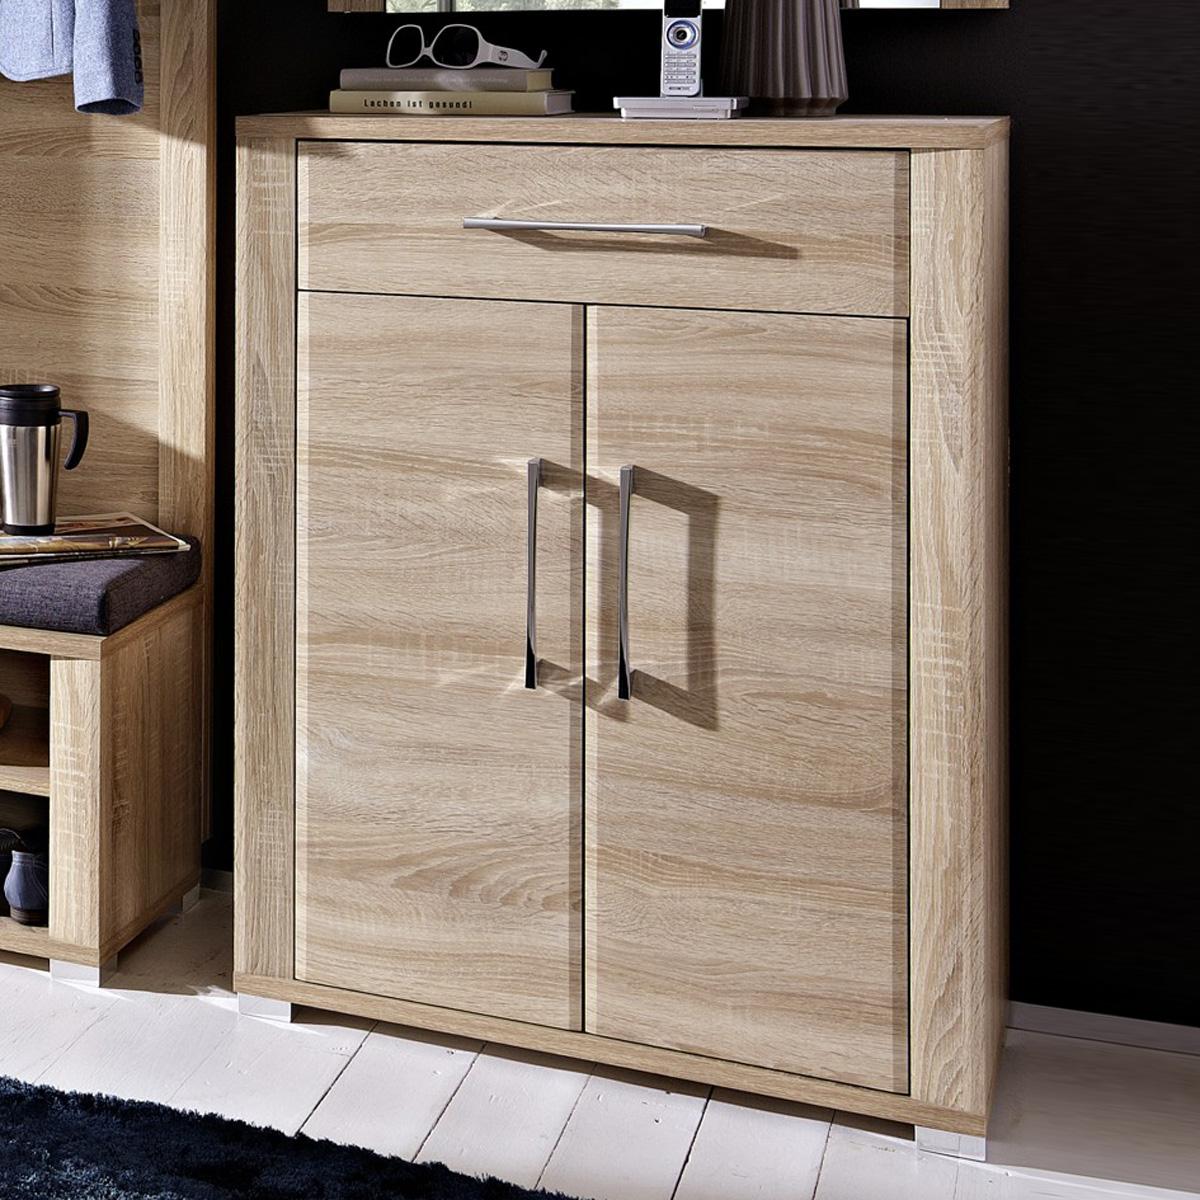 schmale kommode elegant schwarz alt inspiration design raum und m bel f r ihre. Black Bedroom Furniture Sets. Home Design Ideas